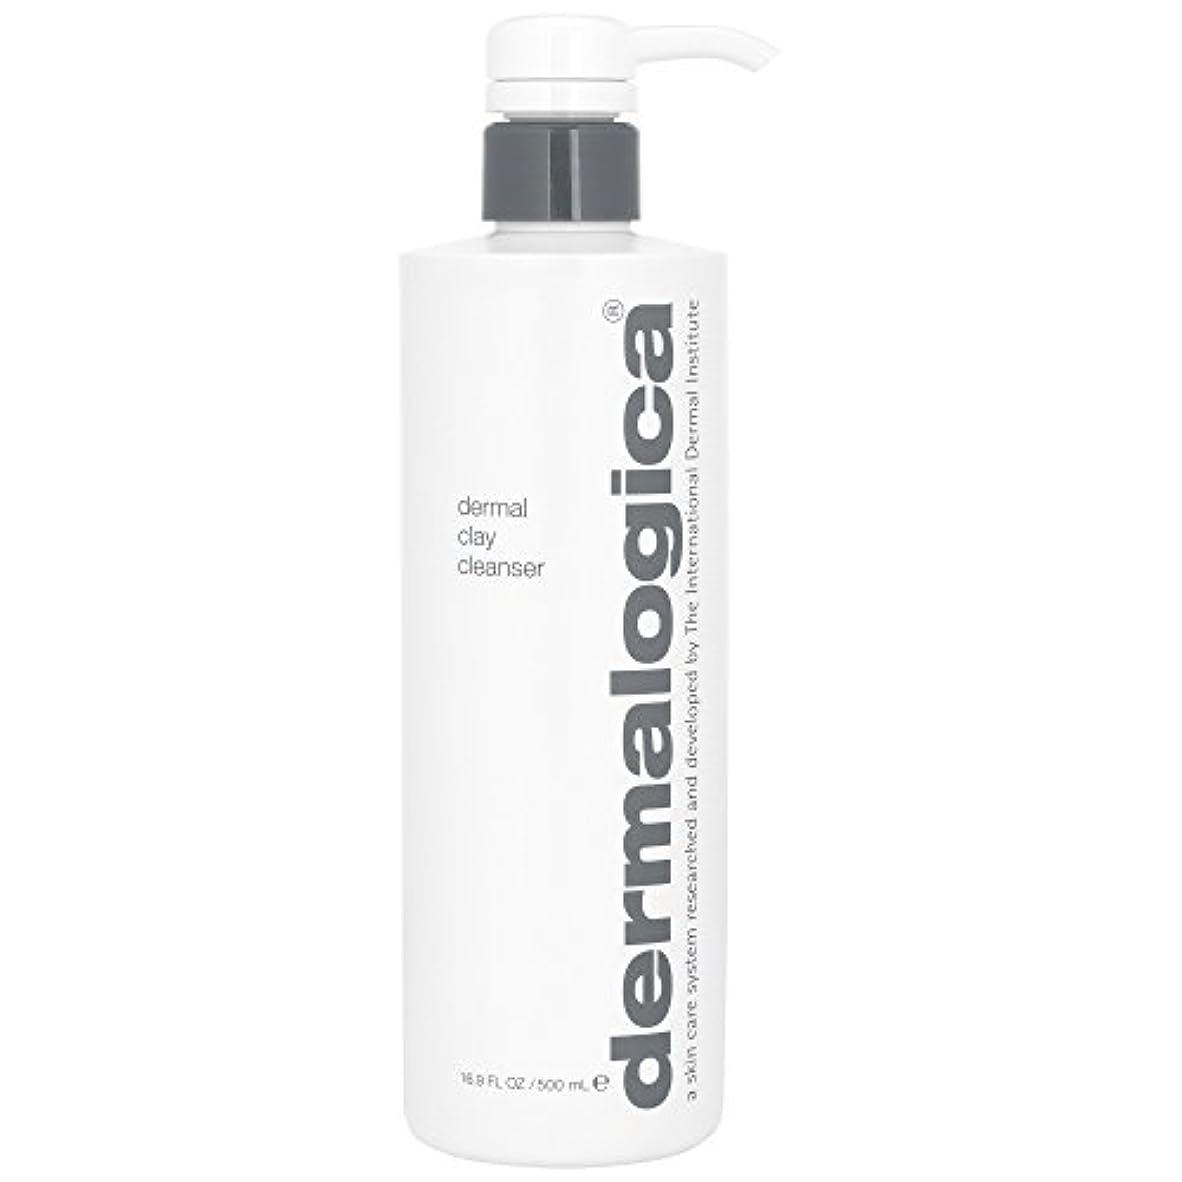 アート削る疾患ダーマロジカ真皮クレイクレンザー500ミリリットル (Dermalogica) (x2) - Dermalogica Dermal Clay Cleanser 500ml (Pack of 2) [並行輸入品]